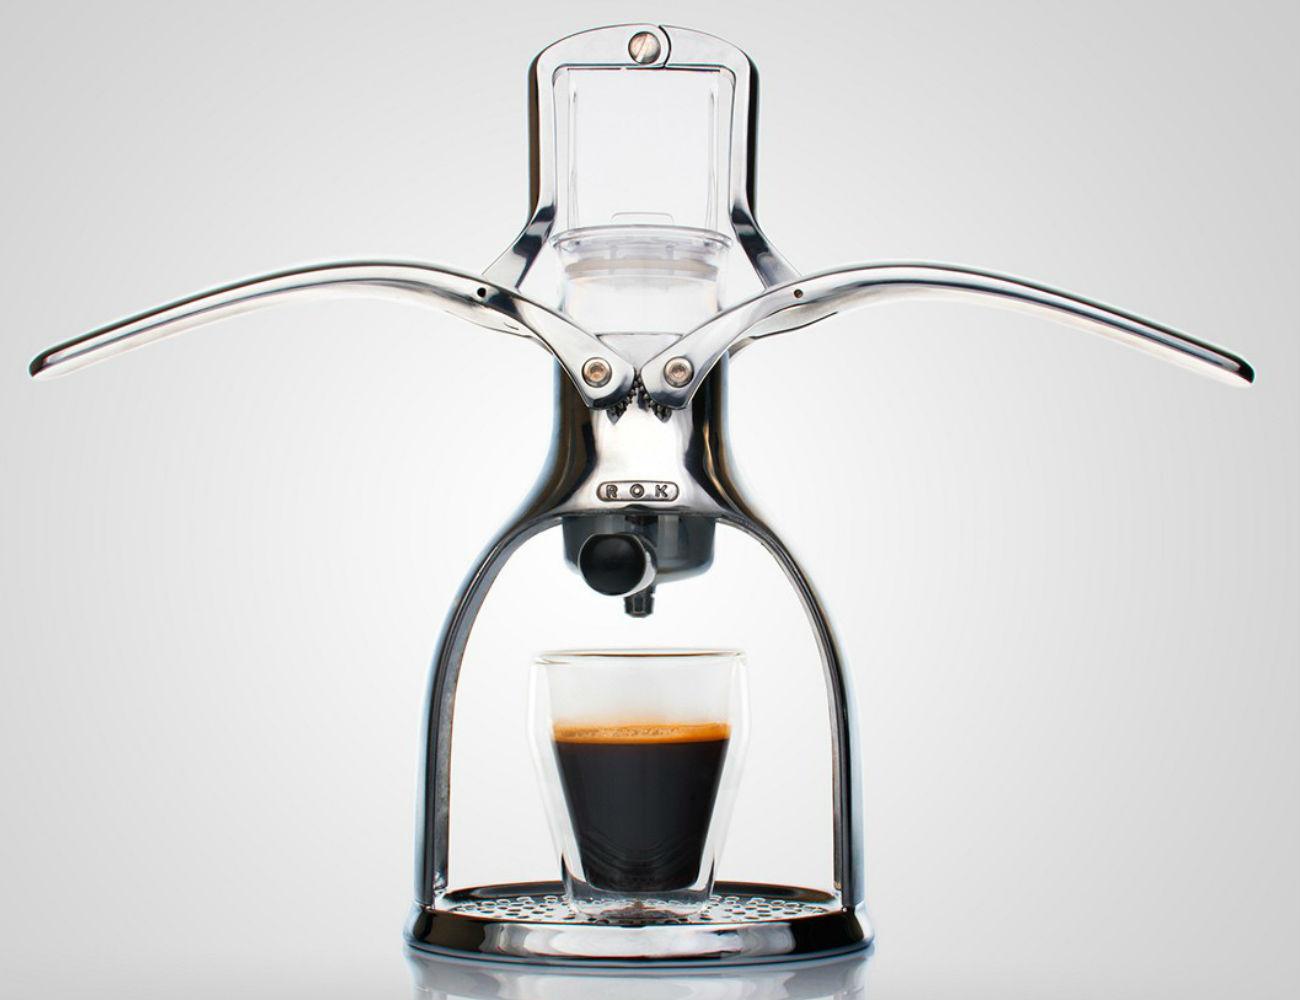 Manual Coffee Maker ~ Rok espresso maker with a manual non electric design